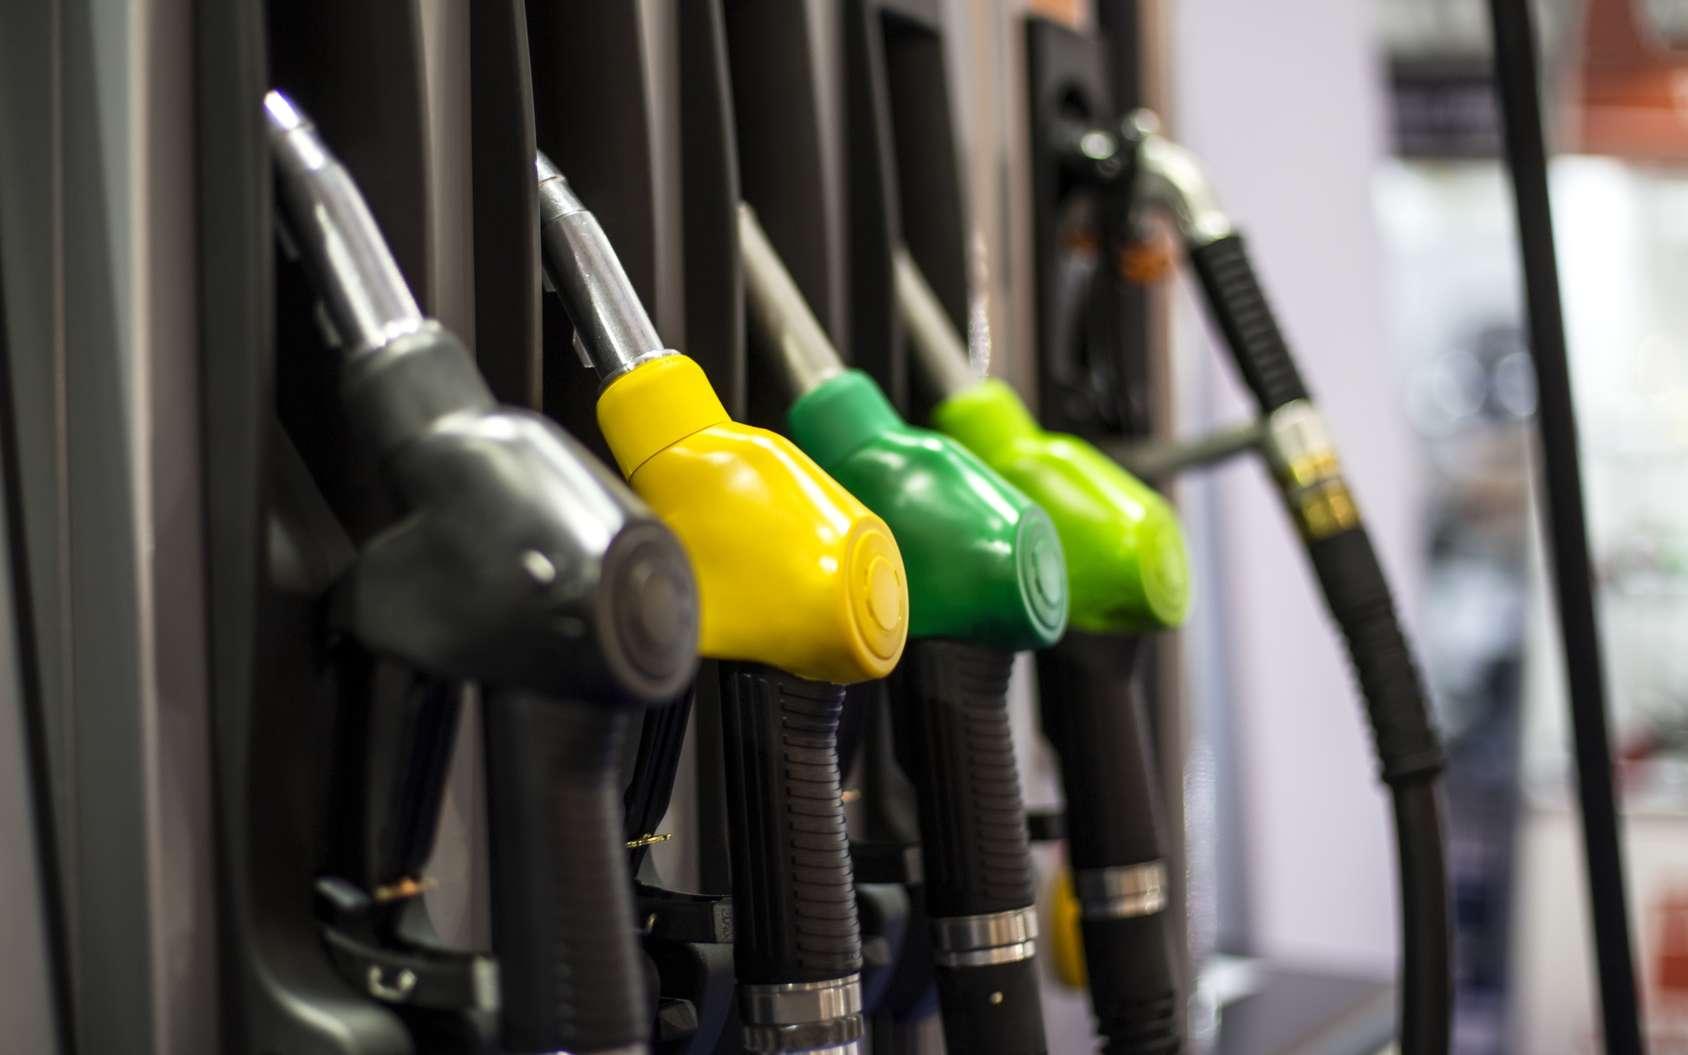 À performances égales, une voiture à essence émet moins de CO2 qu'une voiture diesel. © Boggy, fotola